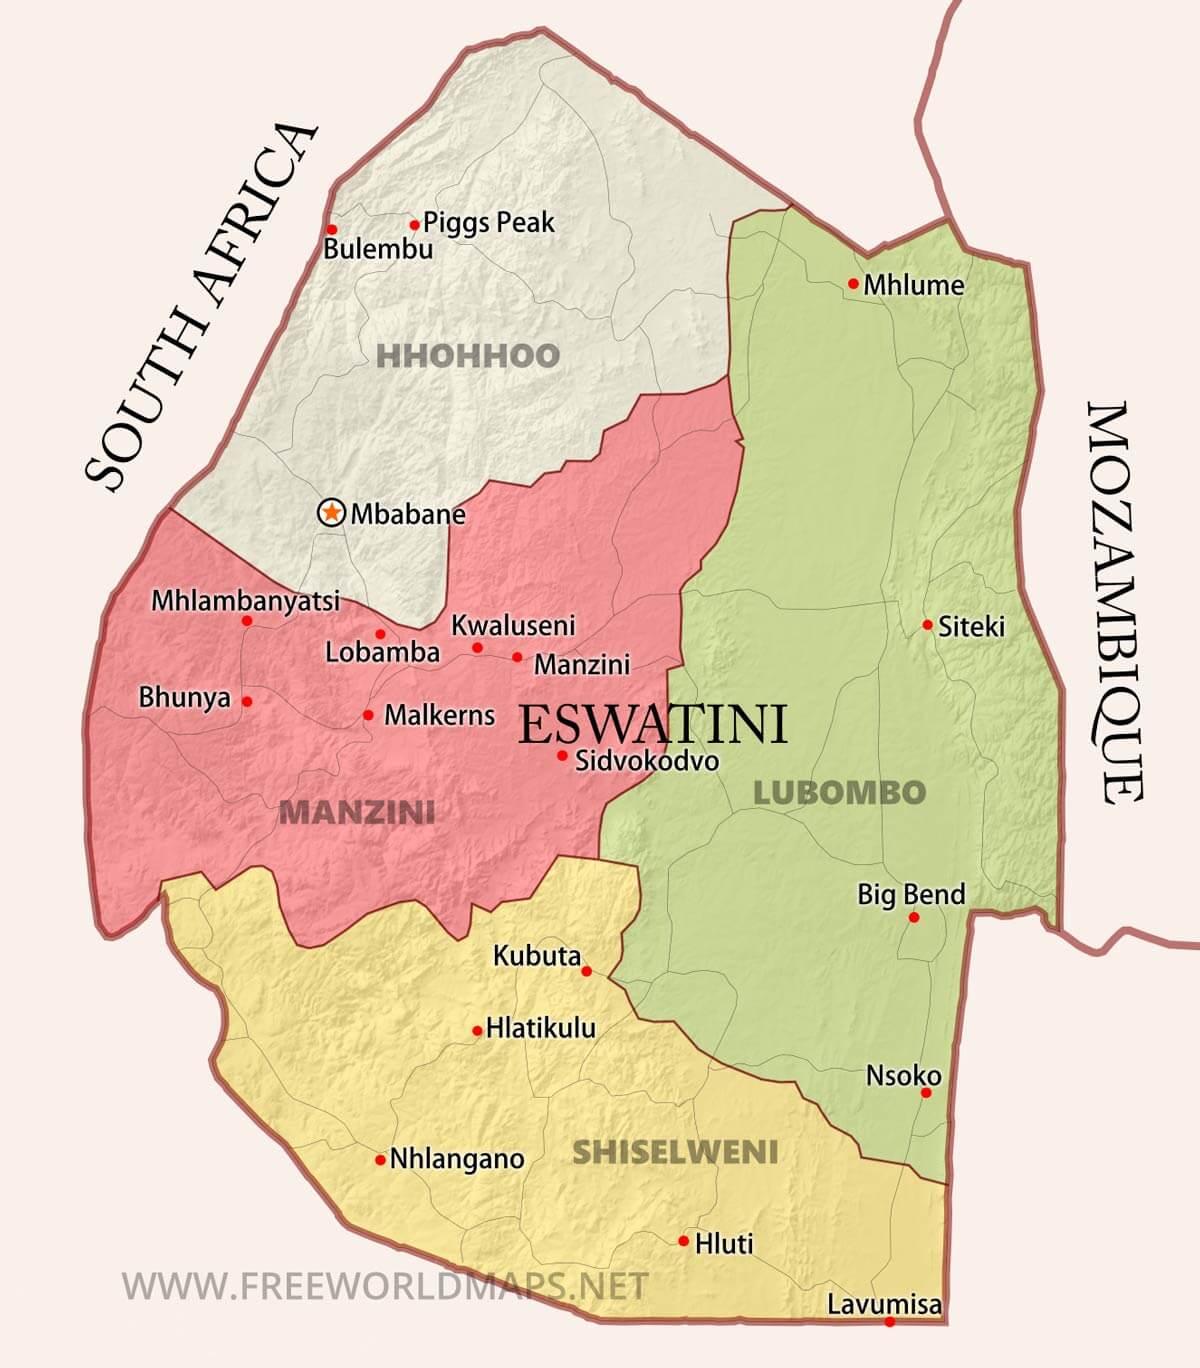 Swaziland Maps by Freeworldmapsnet